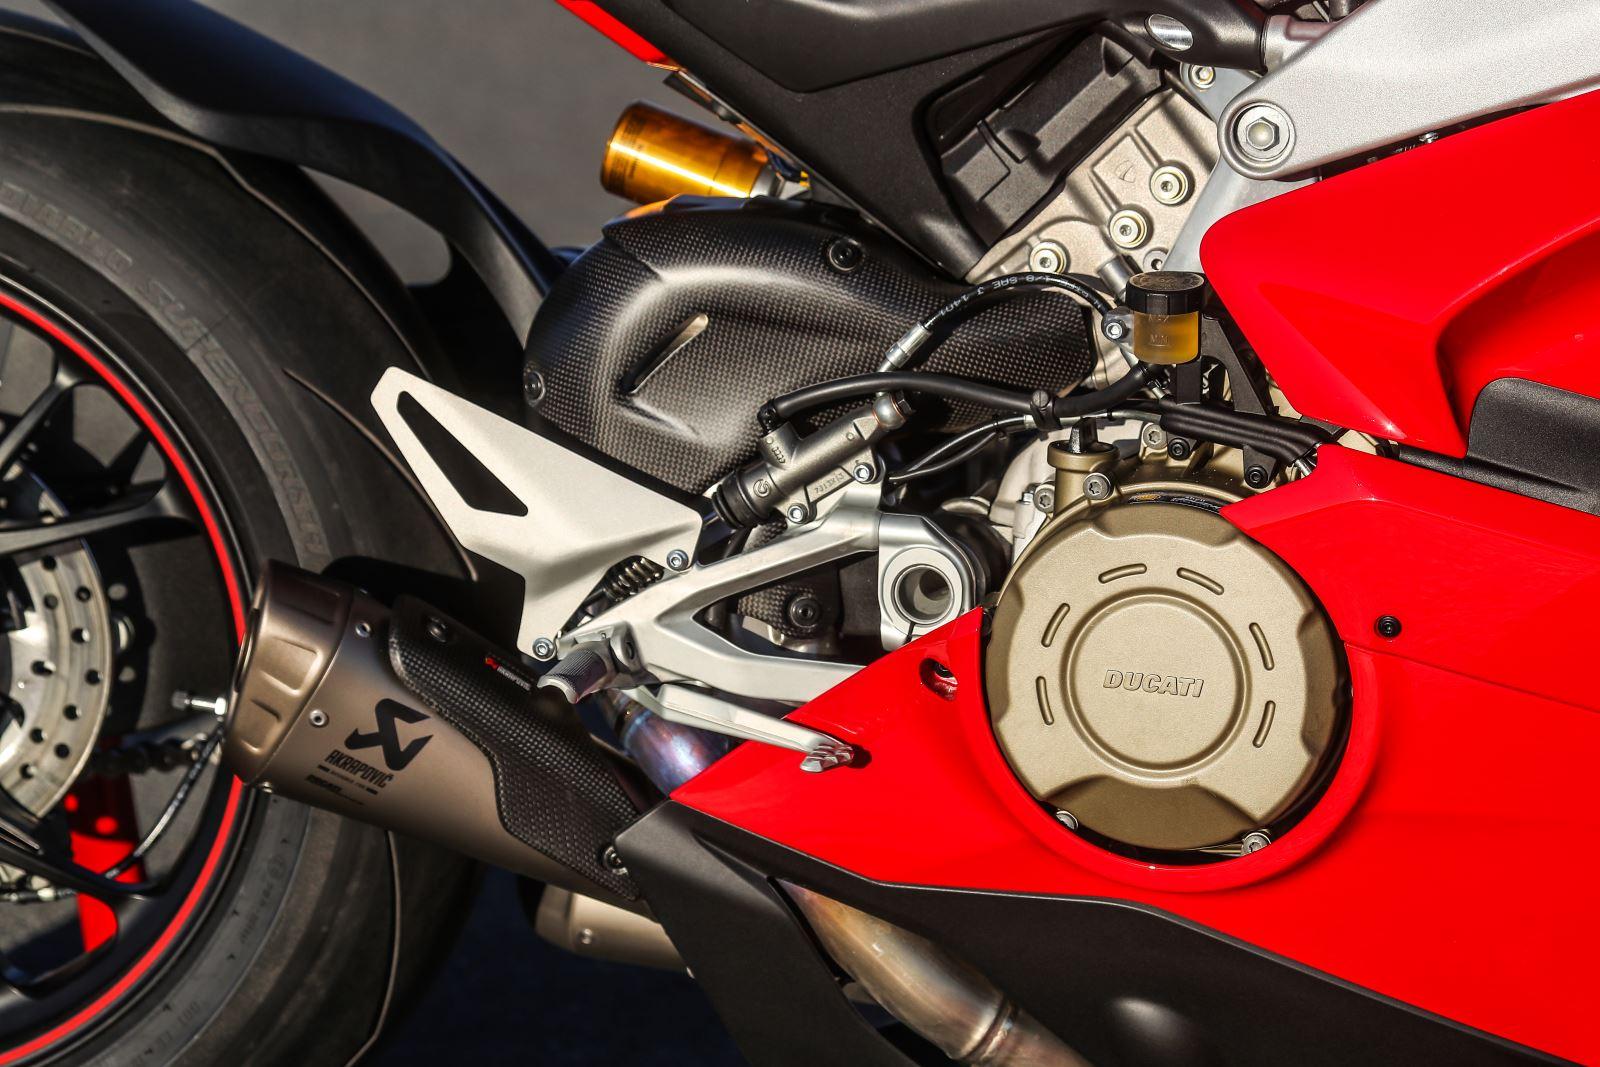 Ducati Panigale V4: Gerçekten Efsanesi Kadar İyi Mi? 12. İçerik Fotoğrafı